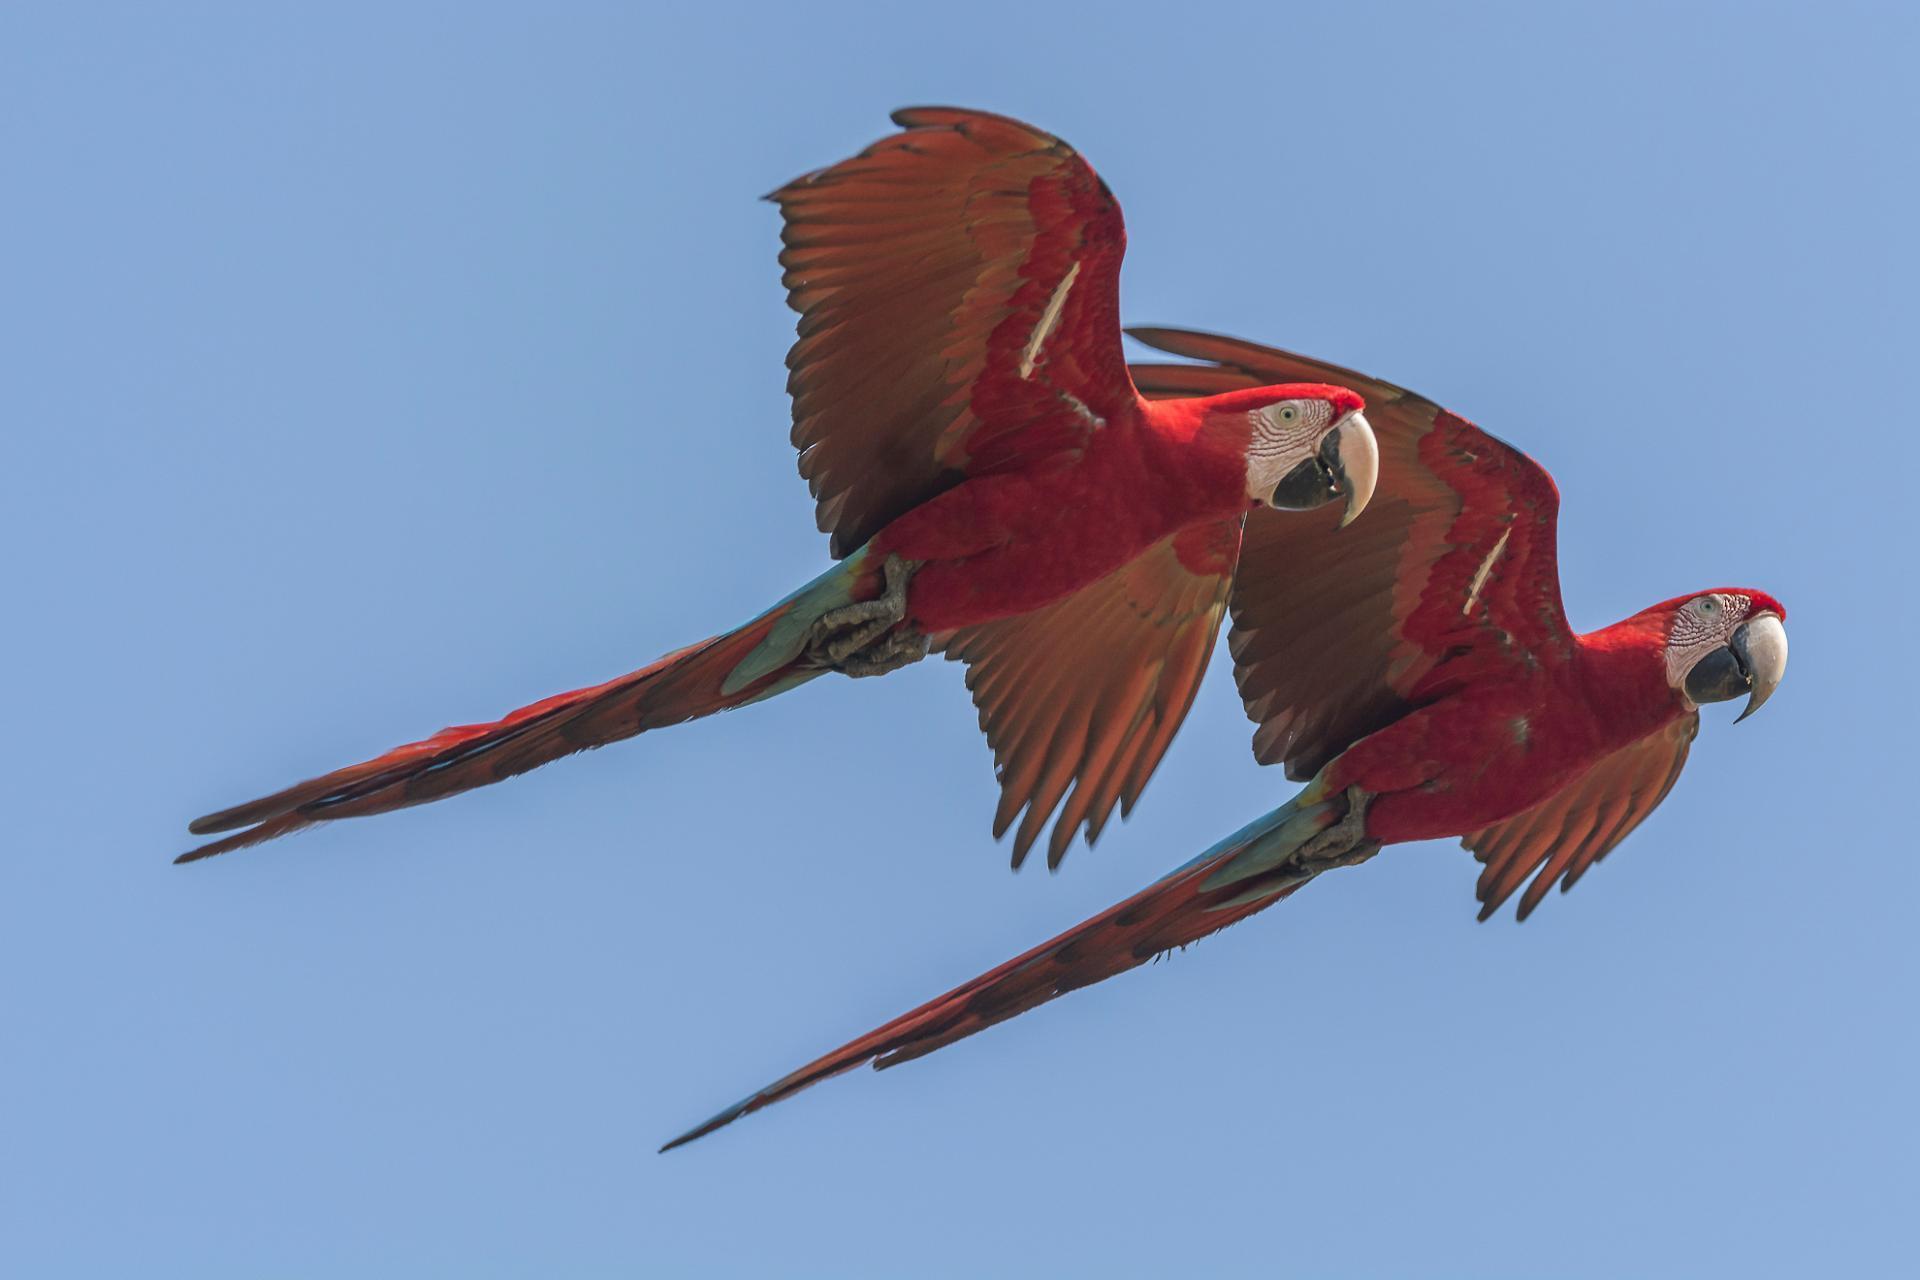 Macaws in Brazil's Amazon region